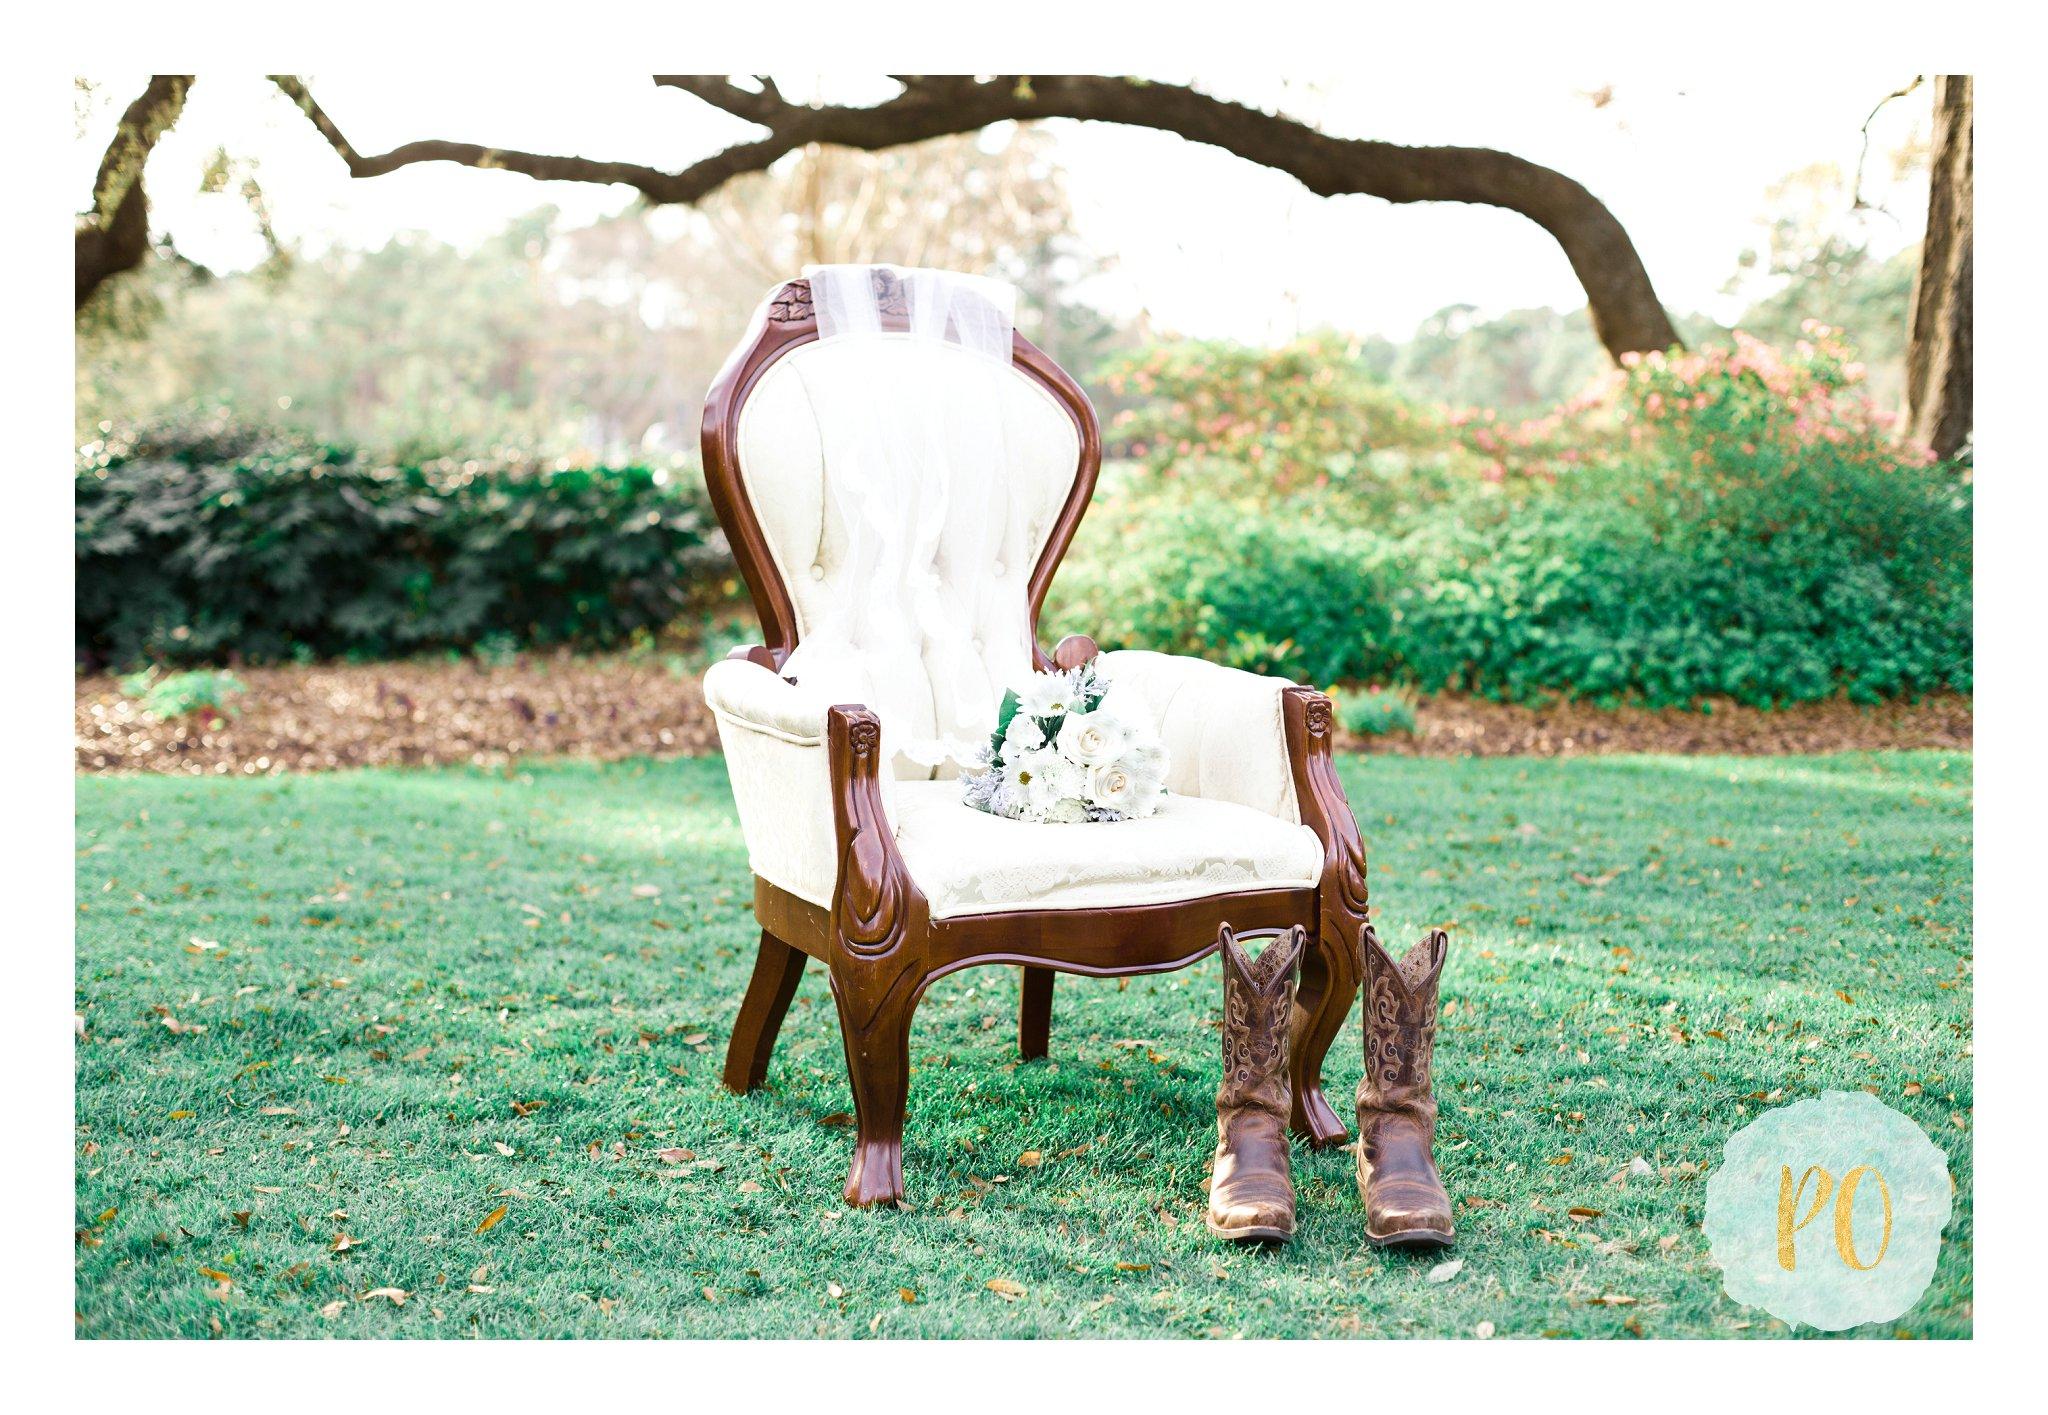 litchfield-golf-country-club-plantation-bridal-pawleys-island-sc-photos_0011.jpg